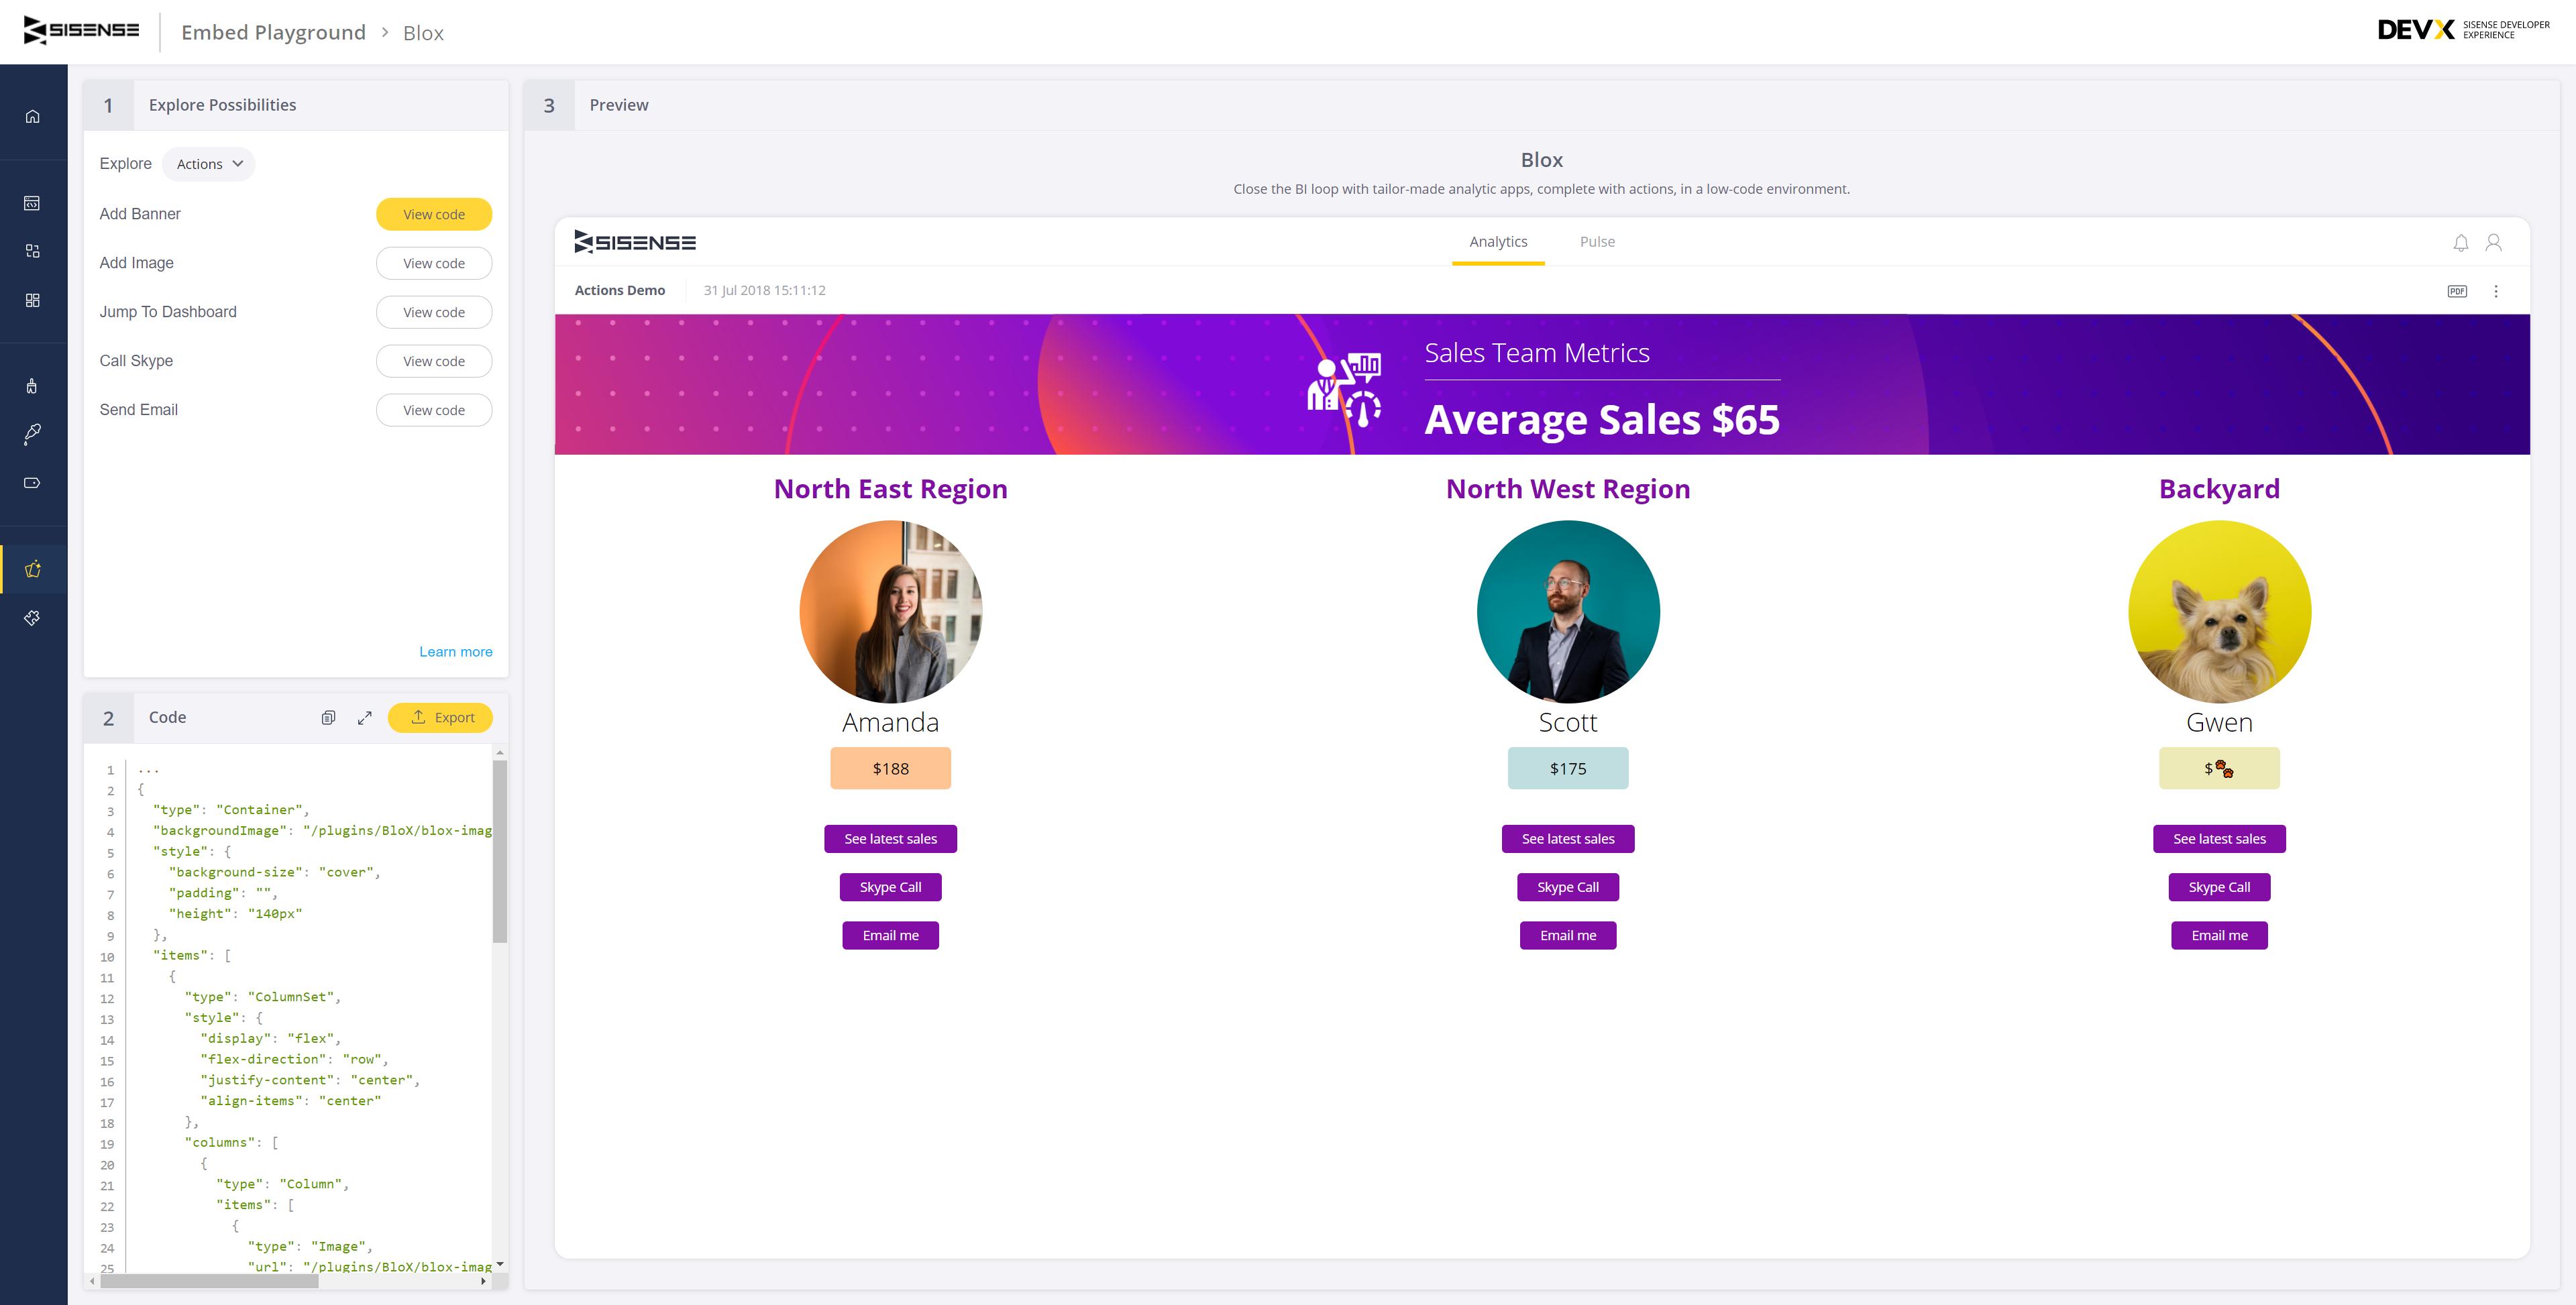 Sales team metrics